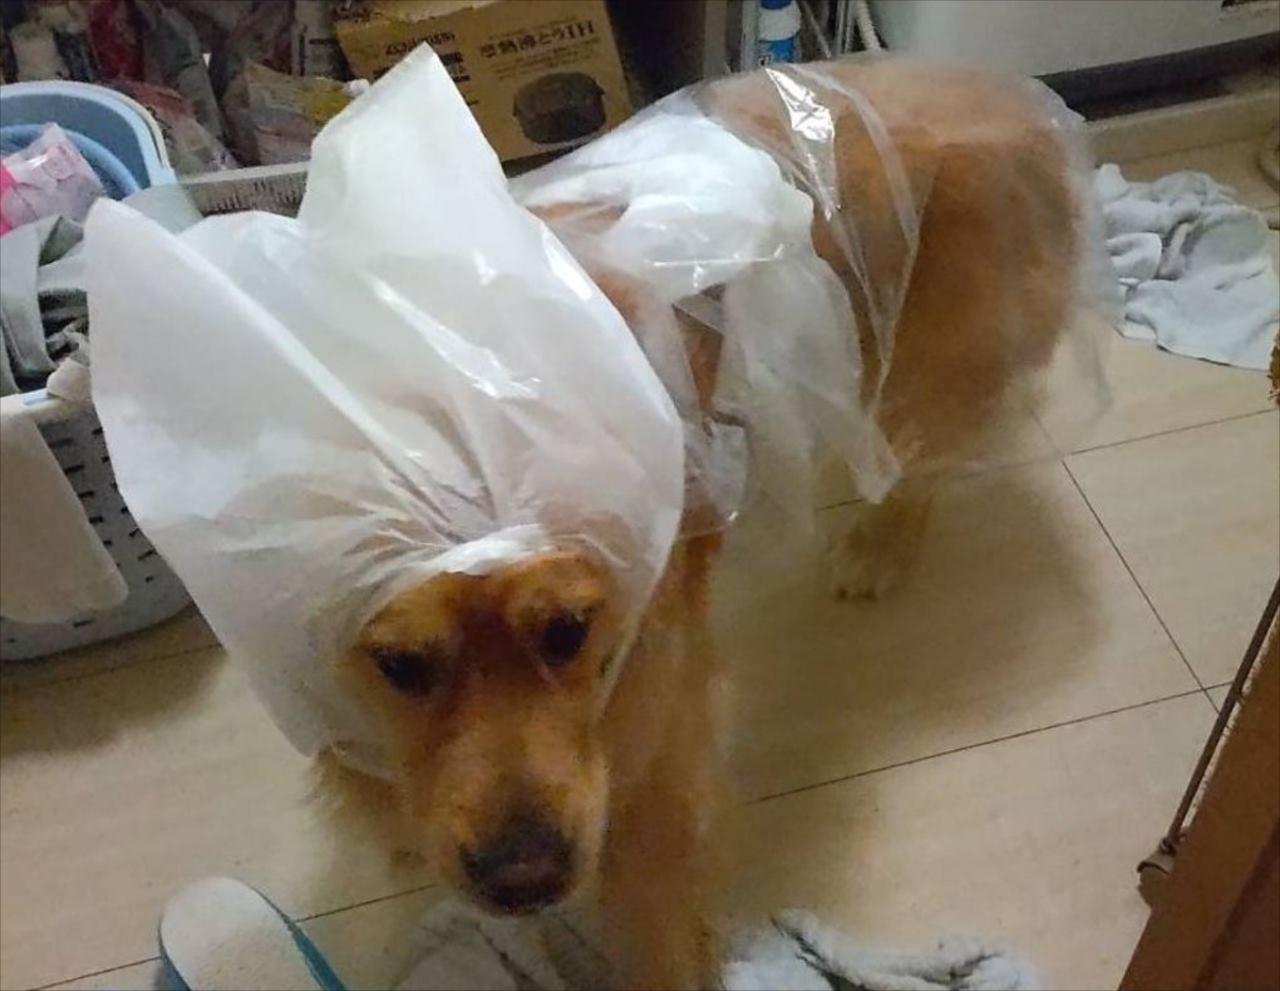 「嘘やろそれで散歩行ったんか。」大雨でカッパが乾いてなかったらしく・・・愛犬がスゴい格好に!!